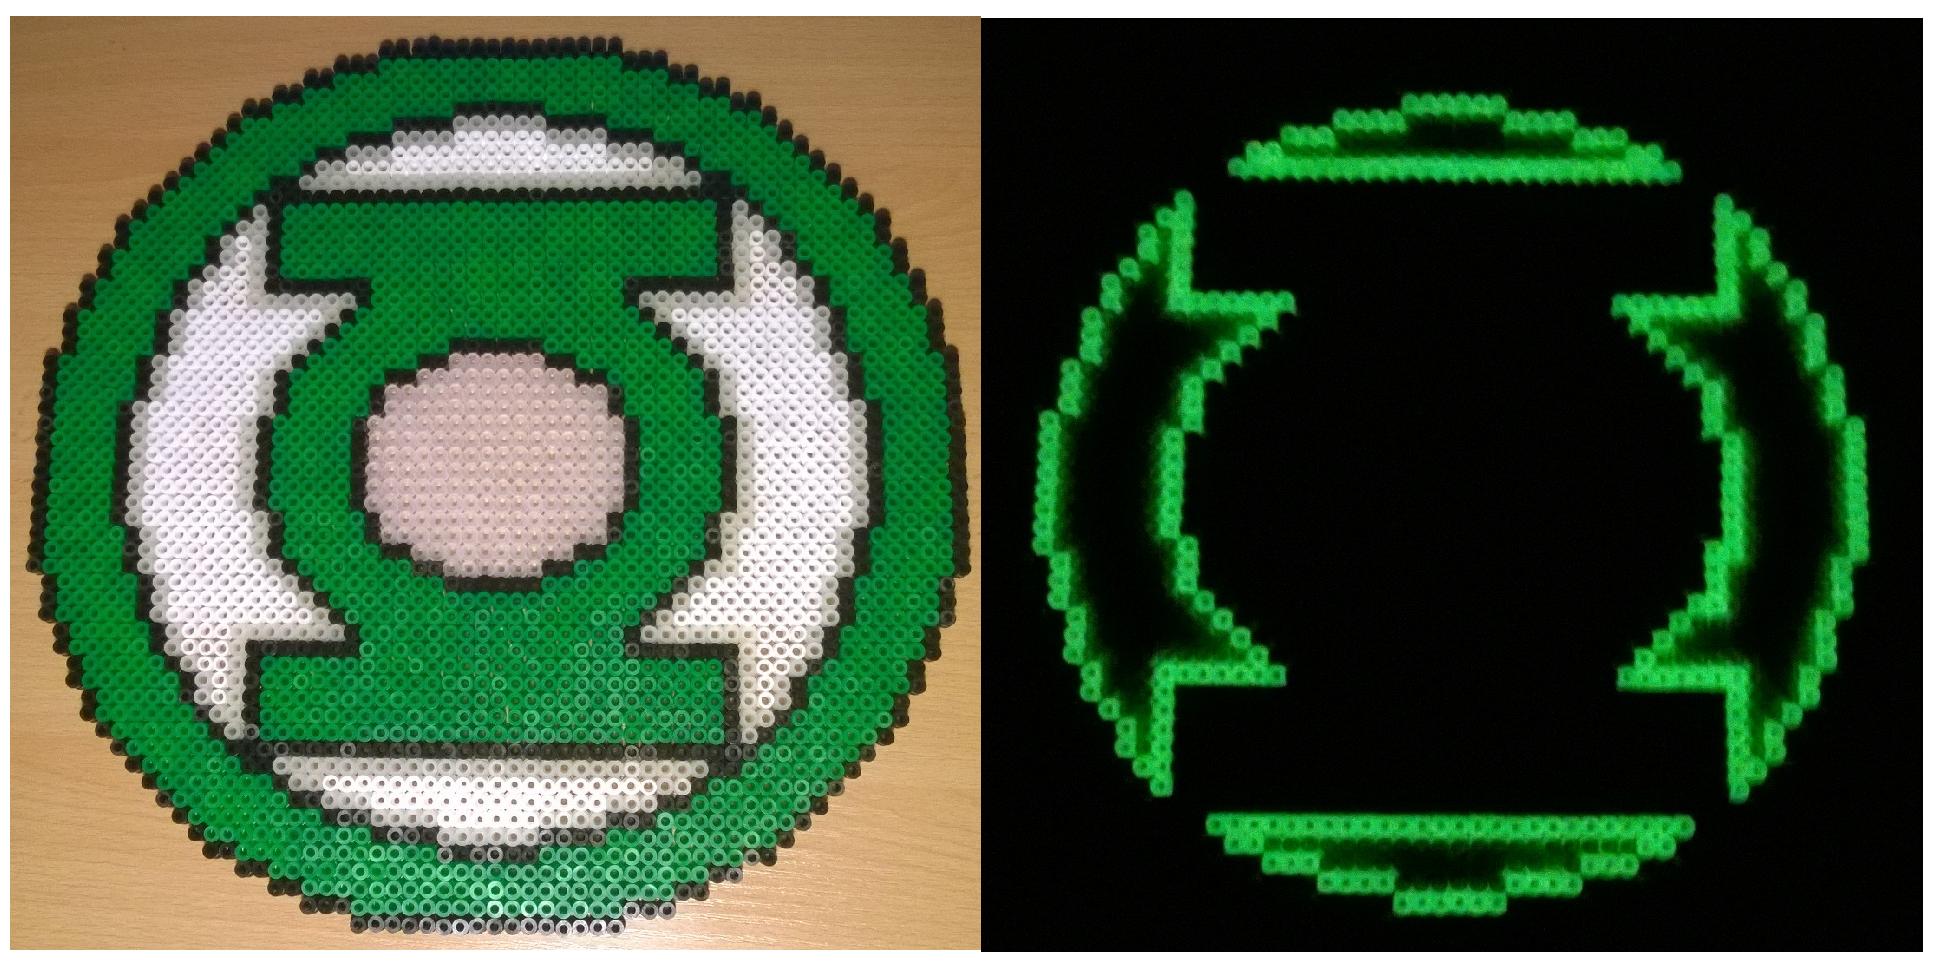 Green Lantern Glowing Logo Perler Beads By Ouatsavior Bead Art Perler Beads Green Bead